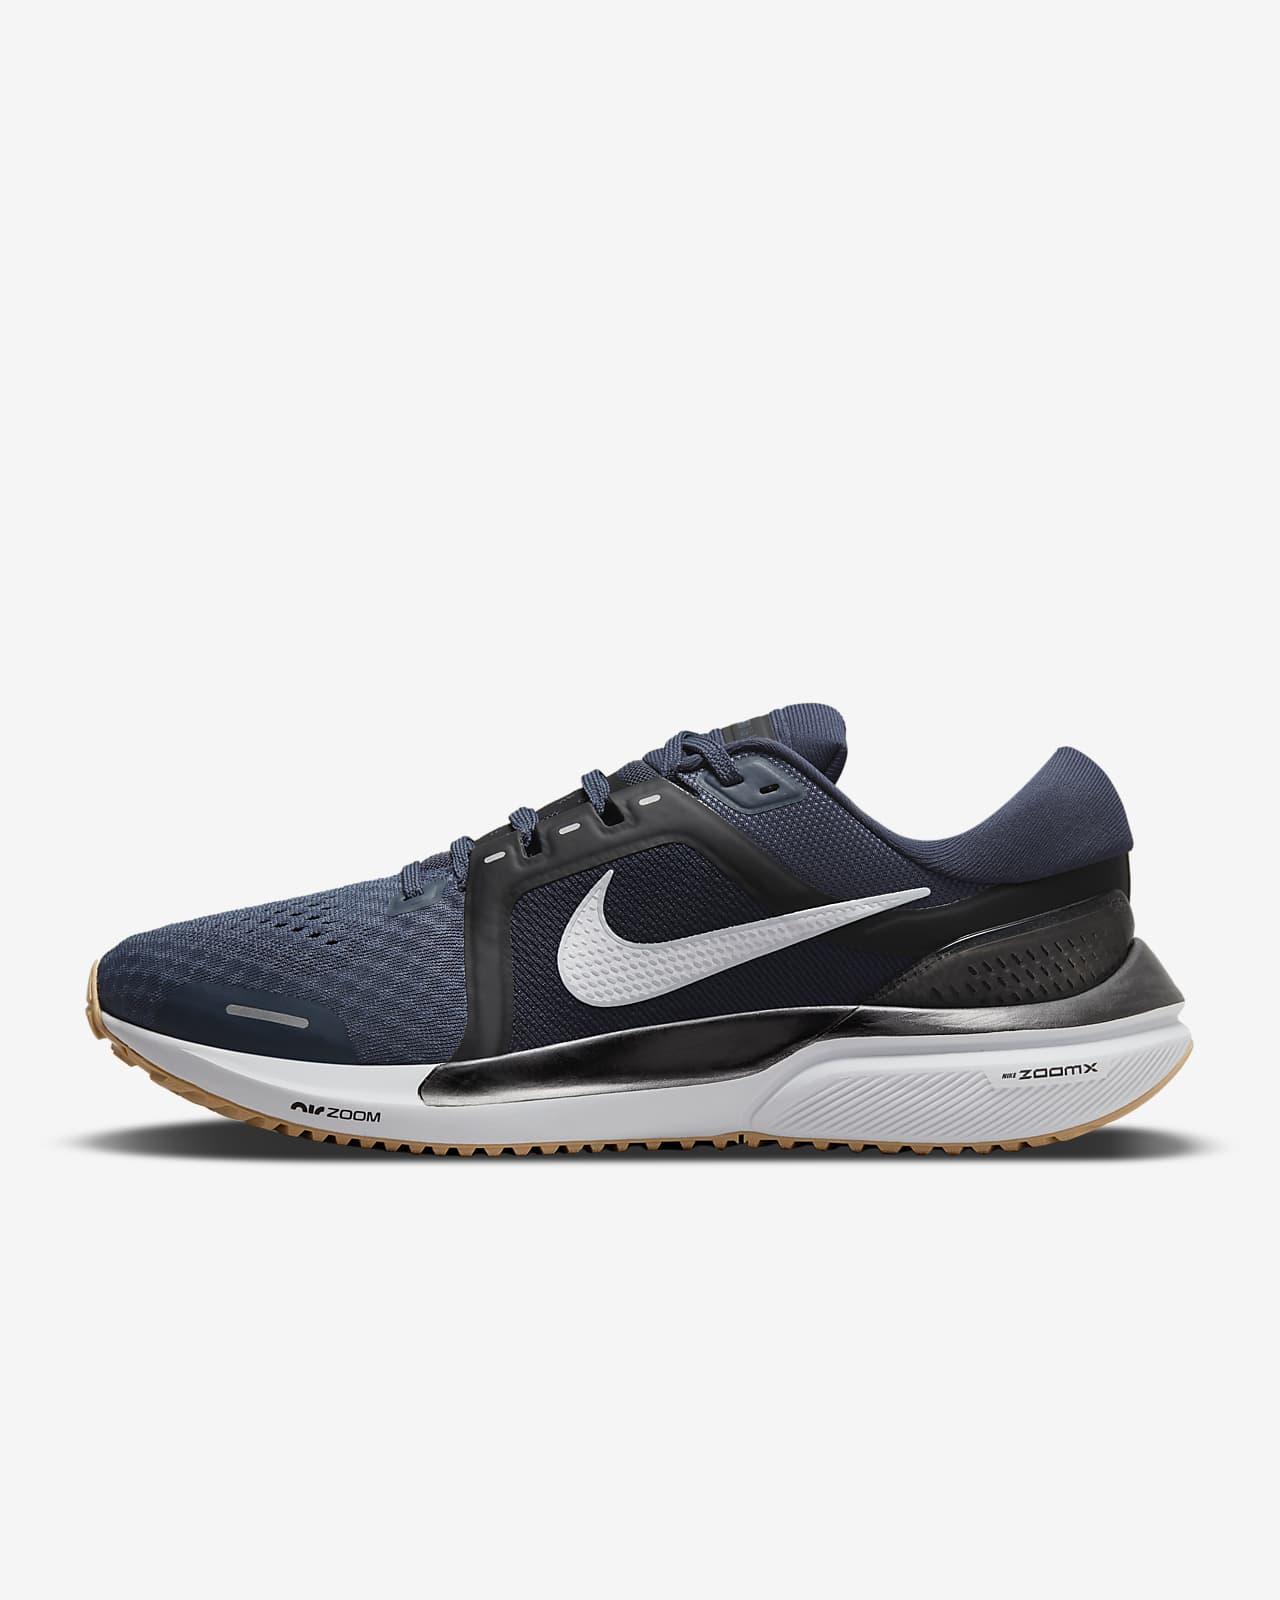 Löparsko Nike Air Zoom Vomero 16 för hårt underlag för män